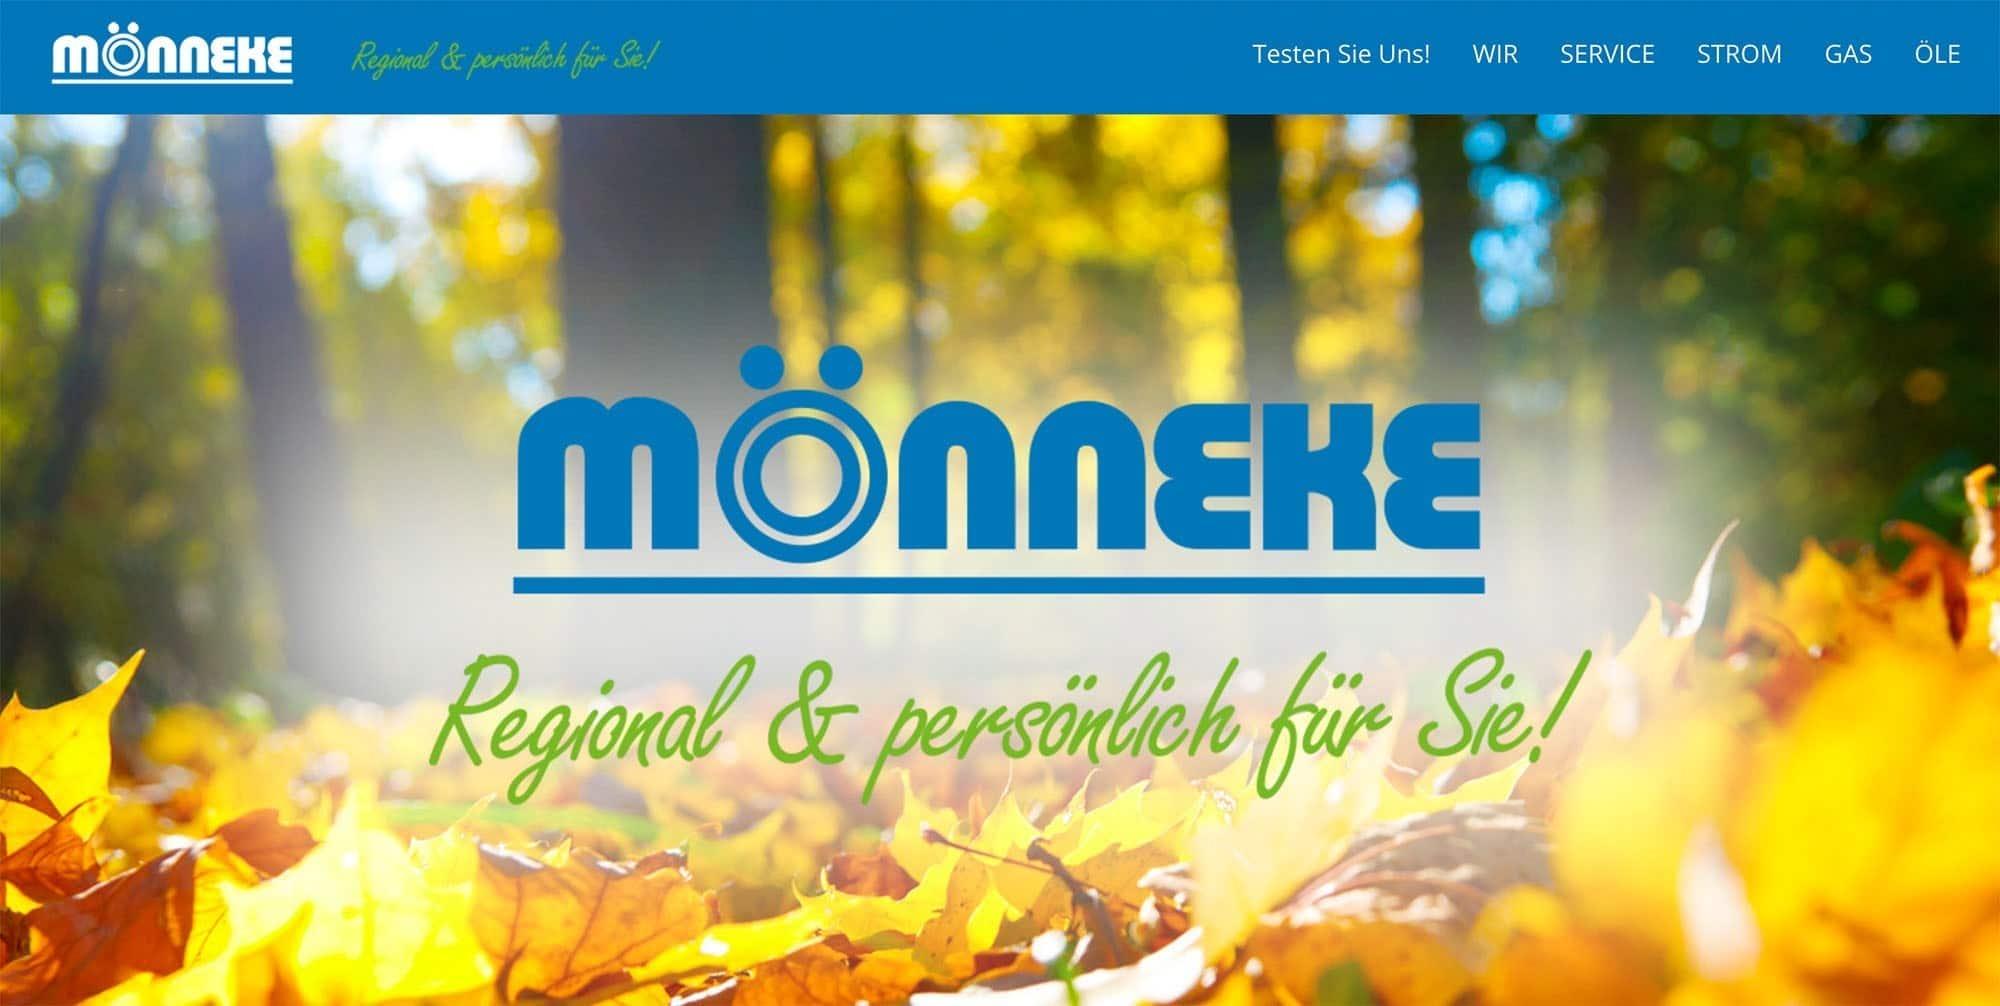 Mönneke - regional und persönlich für Sie!